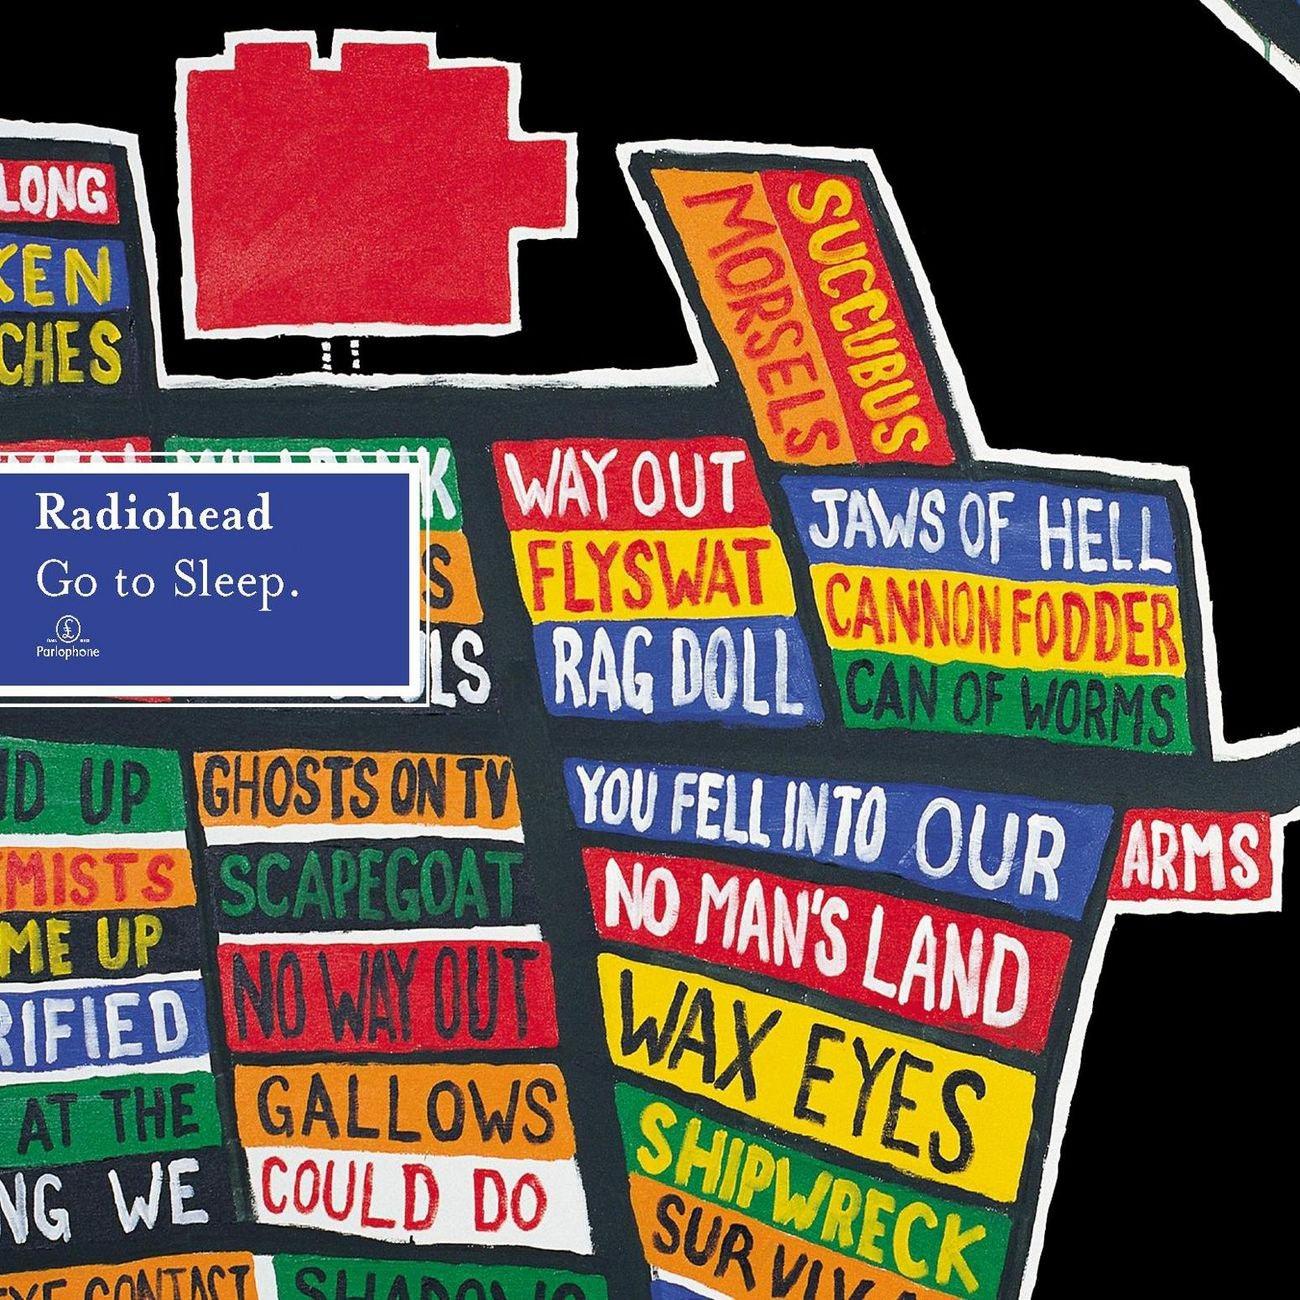 Radiohead album Go To Sleep